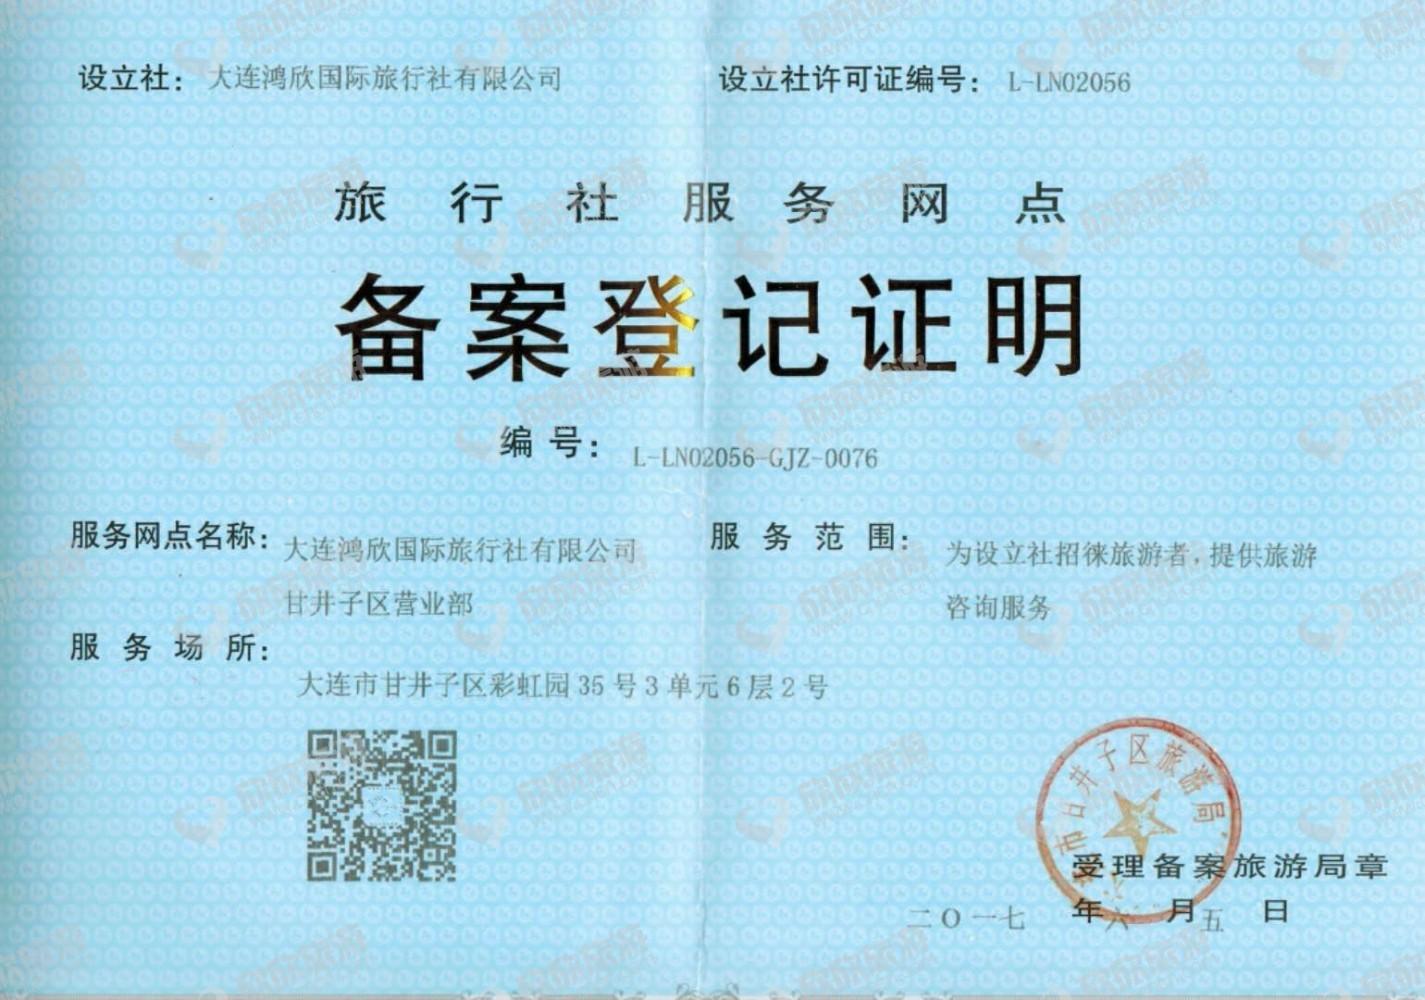 大连鸿欣国际旅行社有限公司甘井子区营业部经营许可证